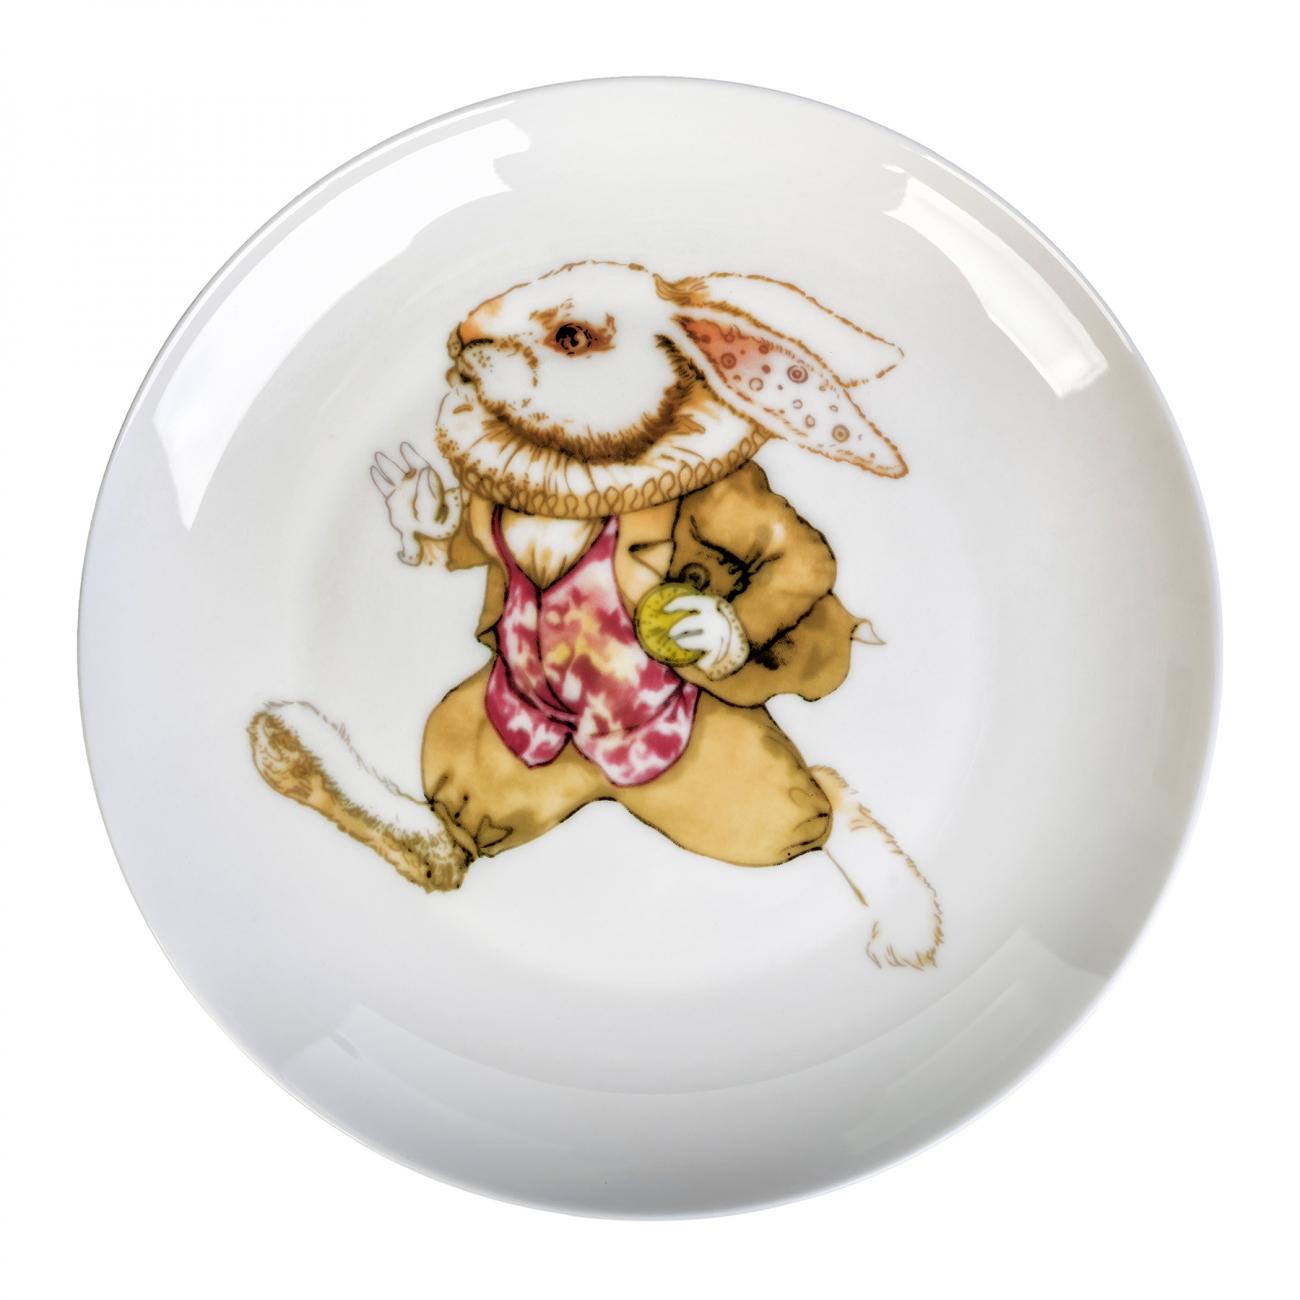 Купить Тарелка Сумасшедший Кролик опаздывает в интернет магазине дизайнерской мебели и аксессуаров для дома и дачи